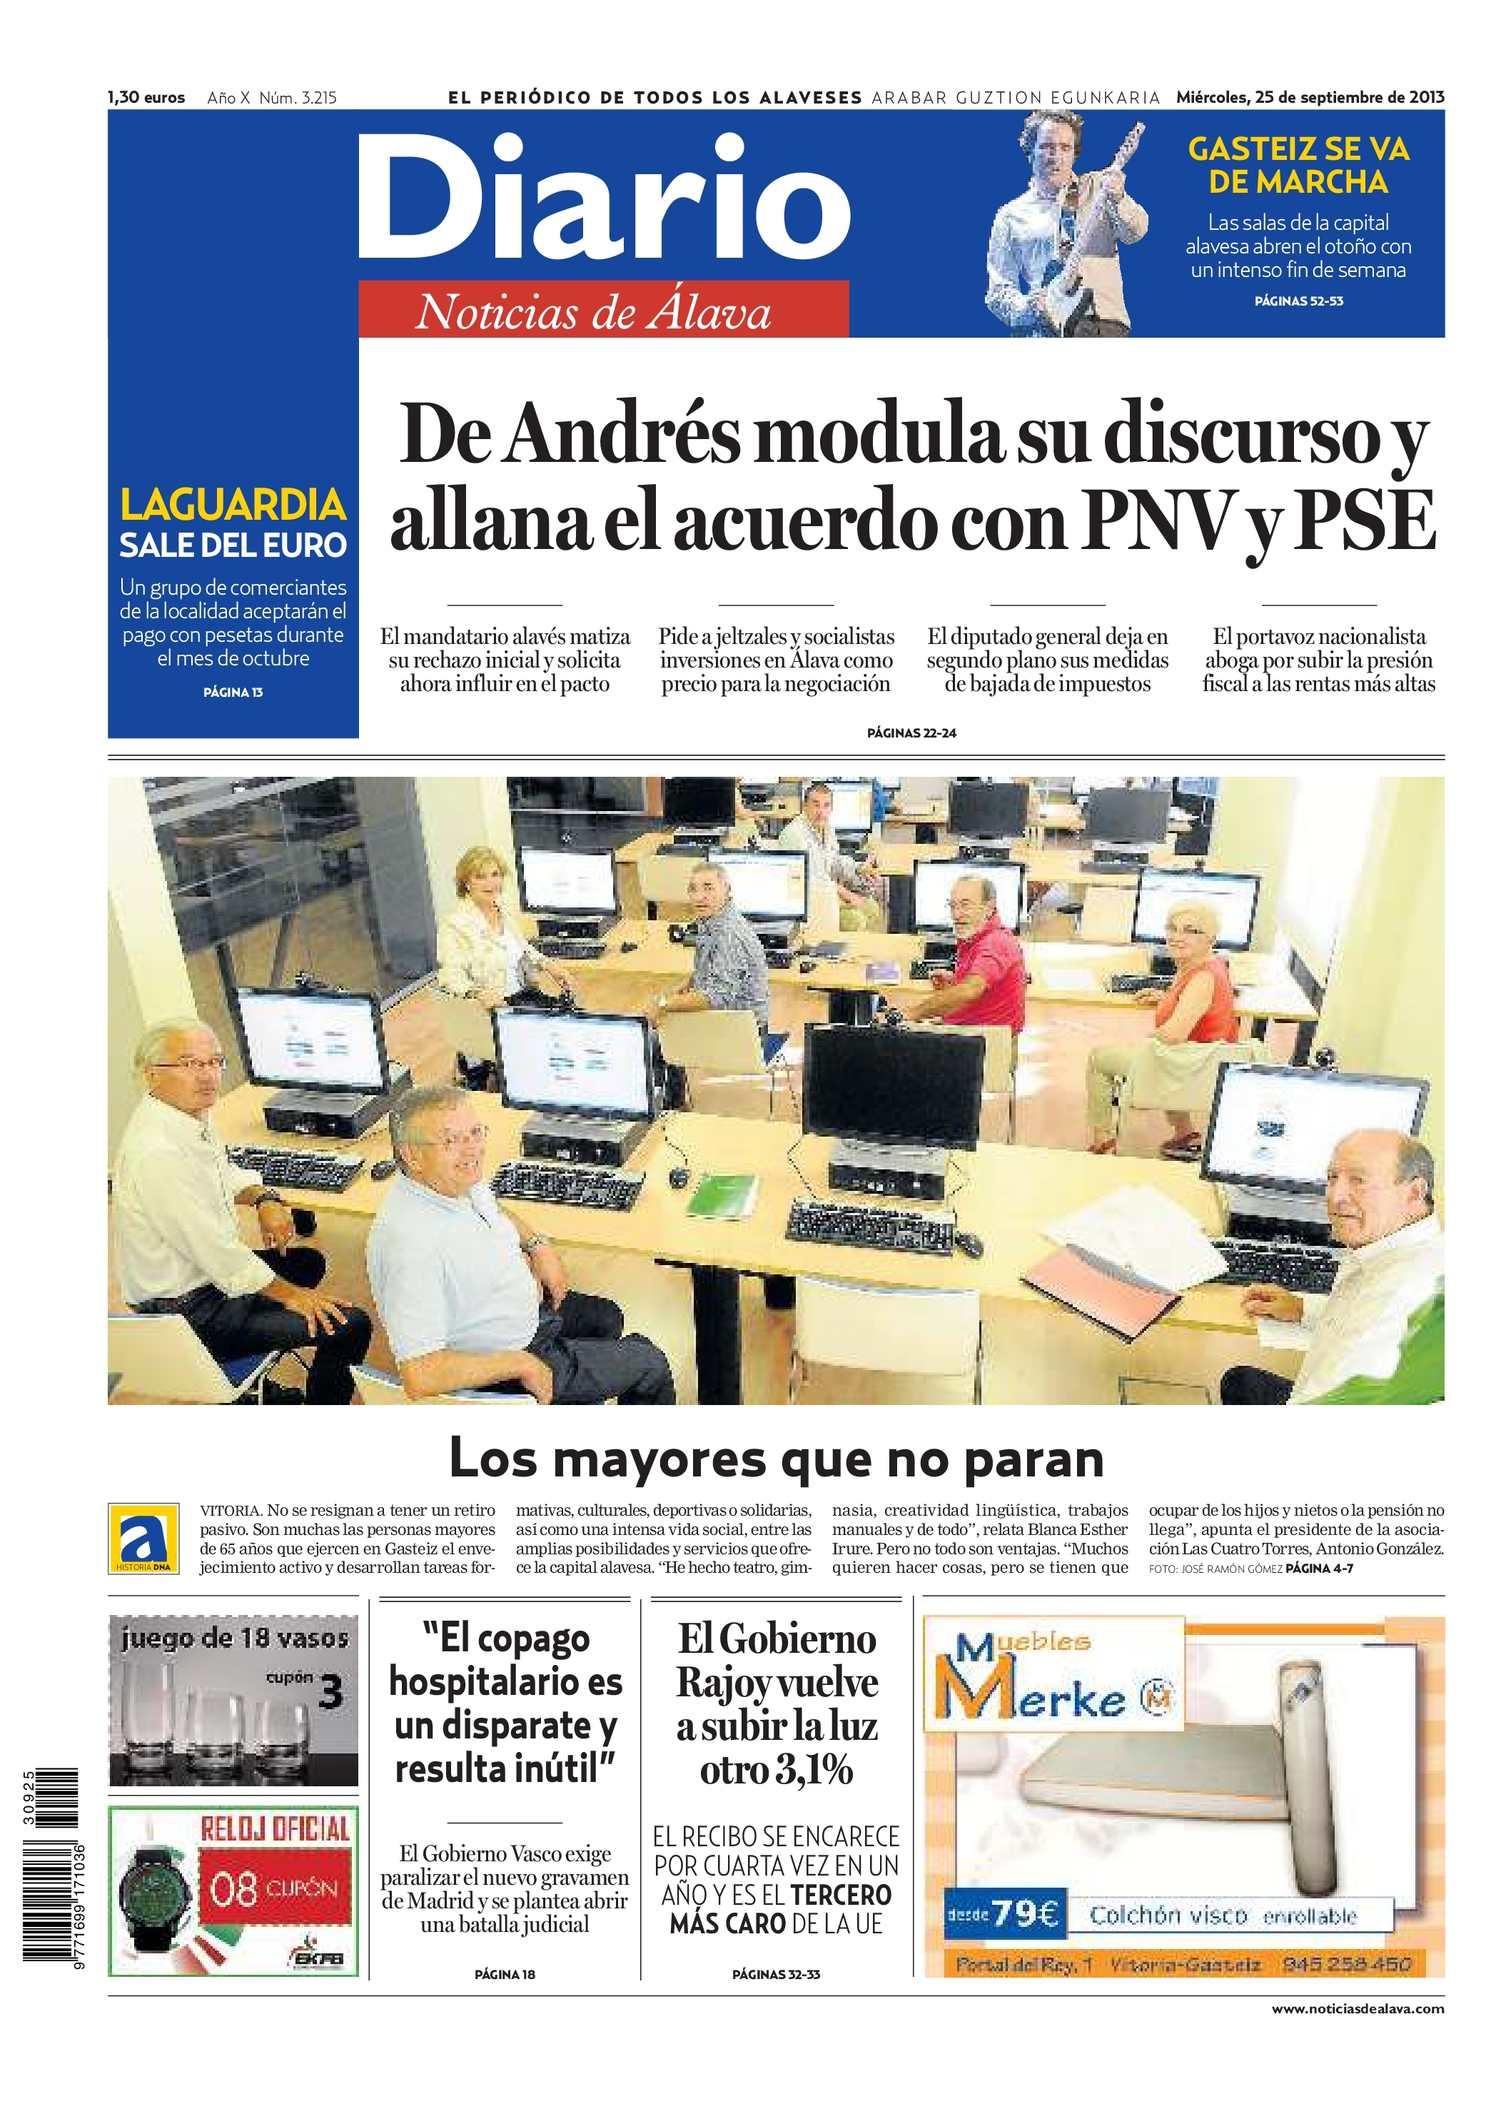 Calaméo - Diario de Noticias de Álava 20130925